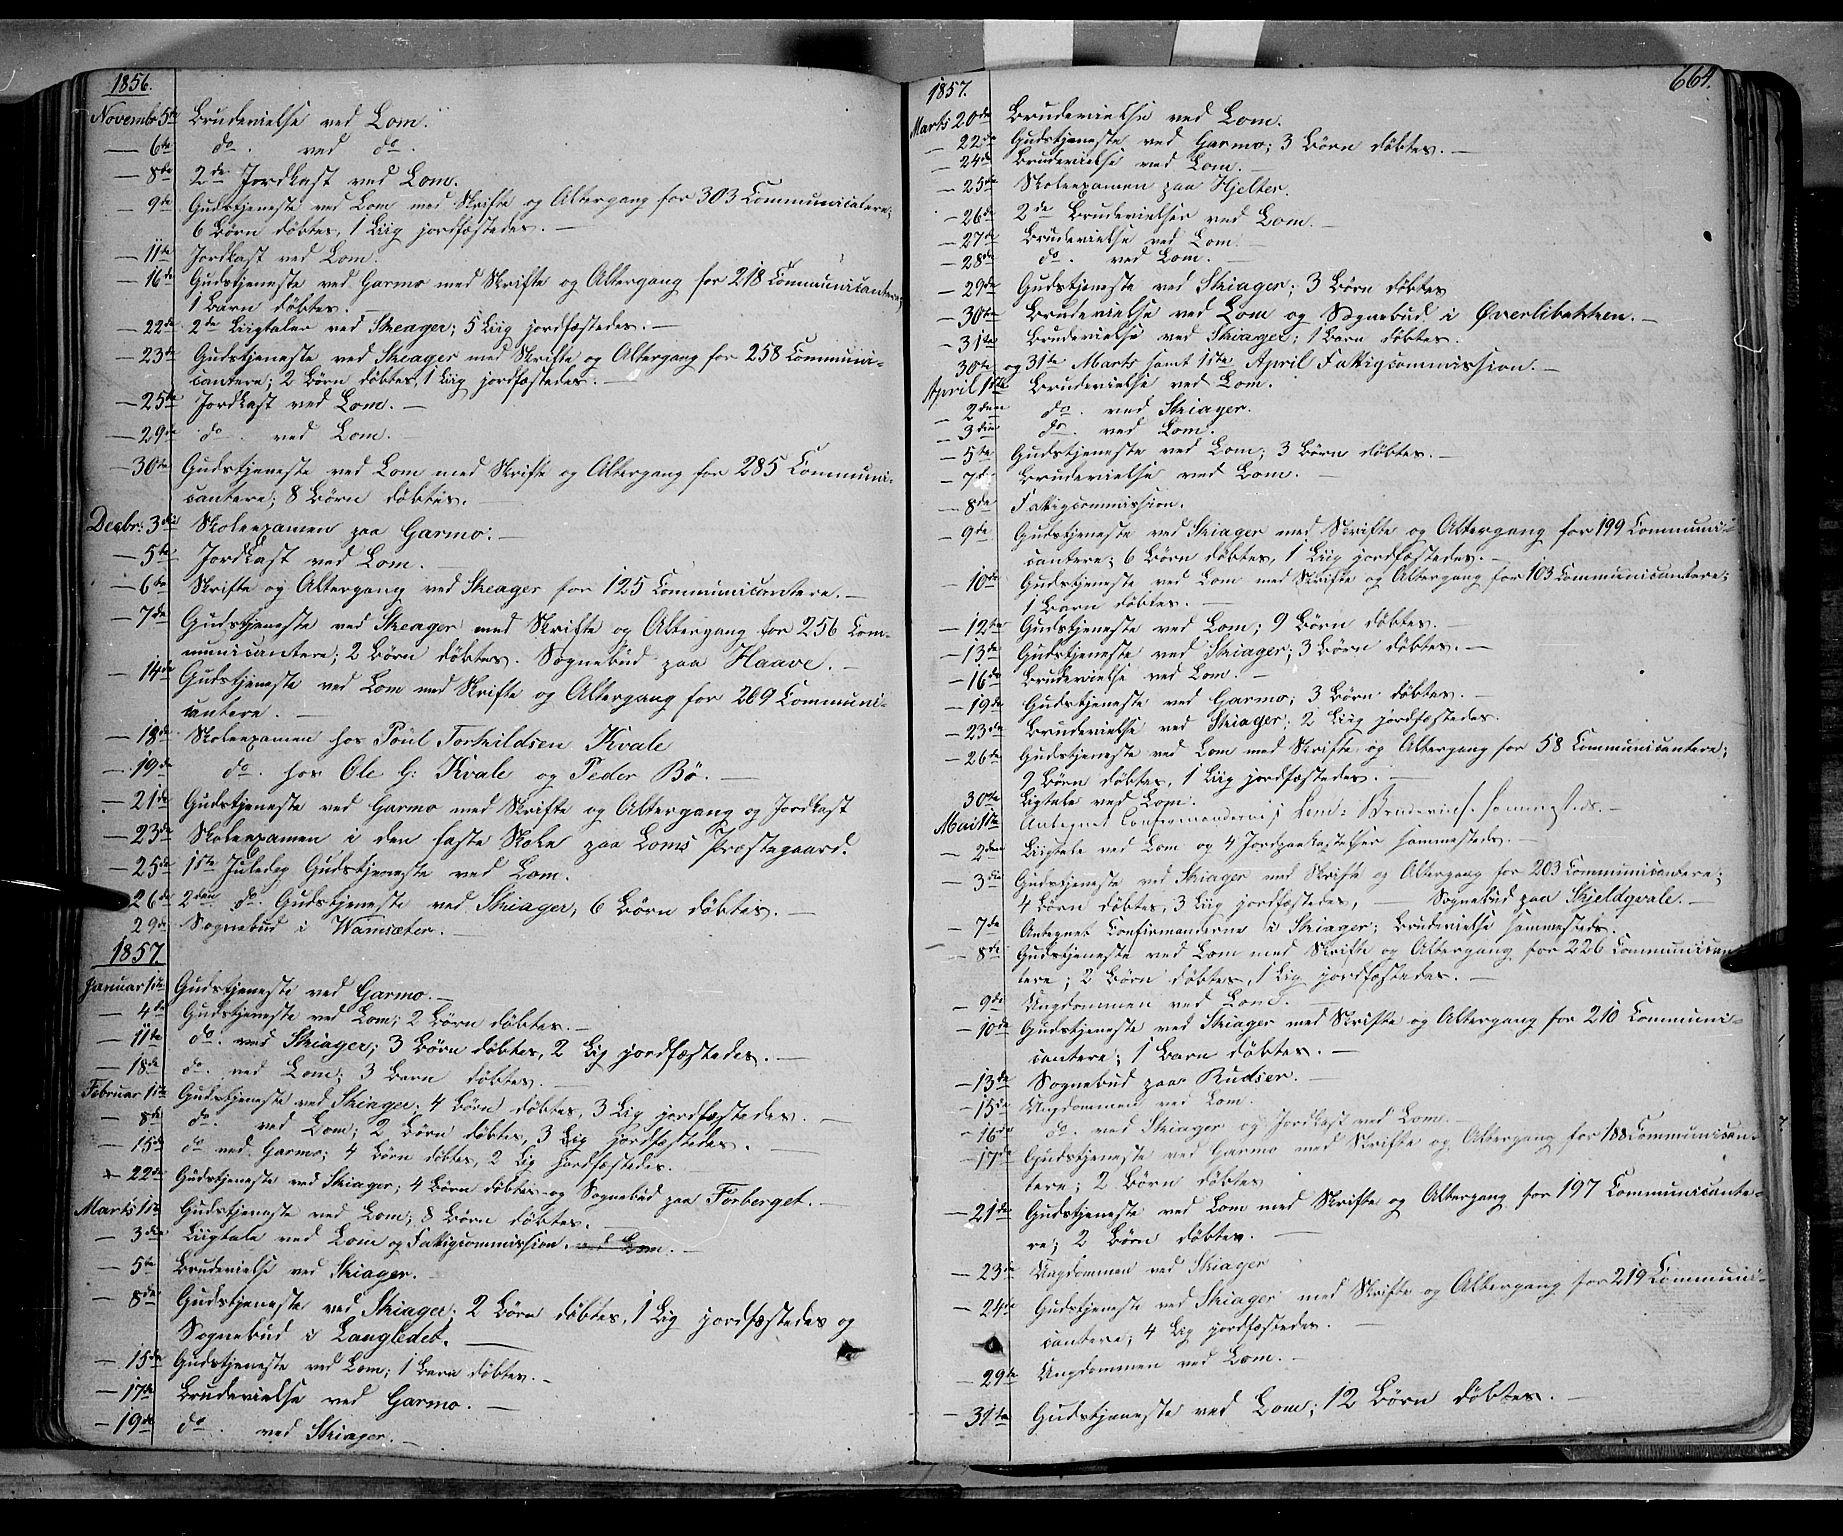 SAH, Lom prestekontor, K/L0006: Ministerialbok nr. 6B, 1837-1863, s. 664